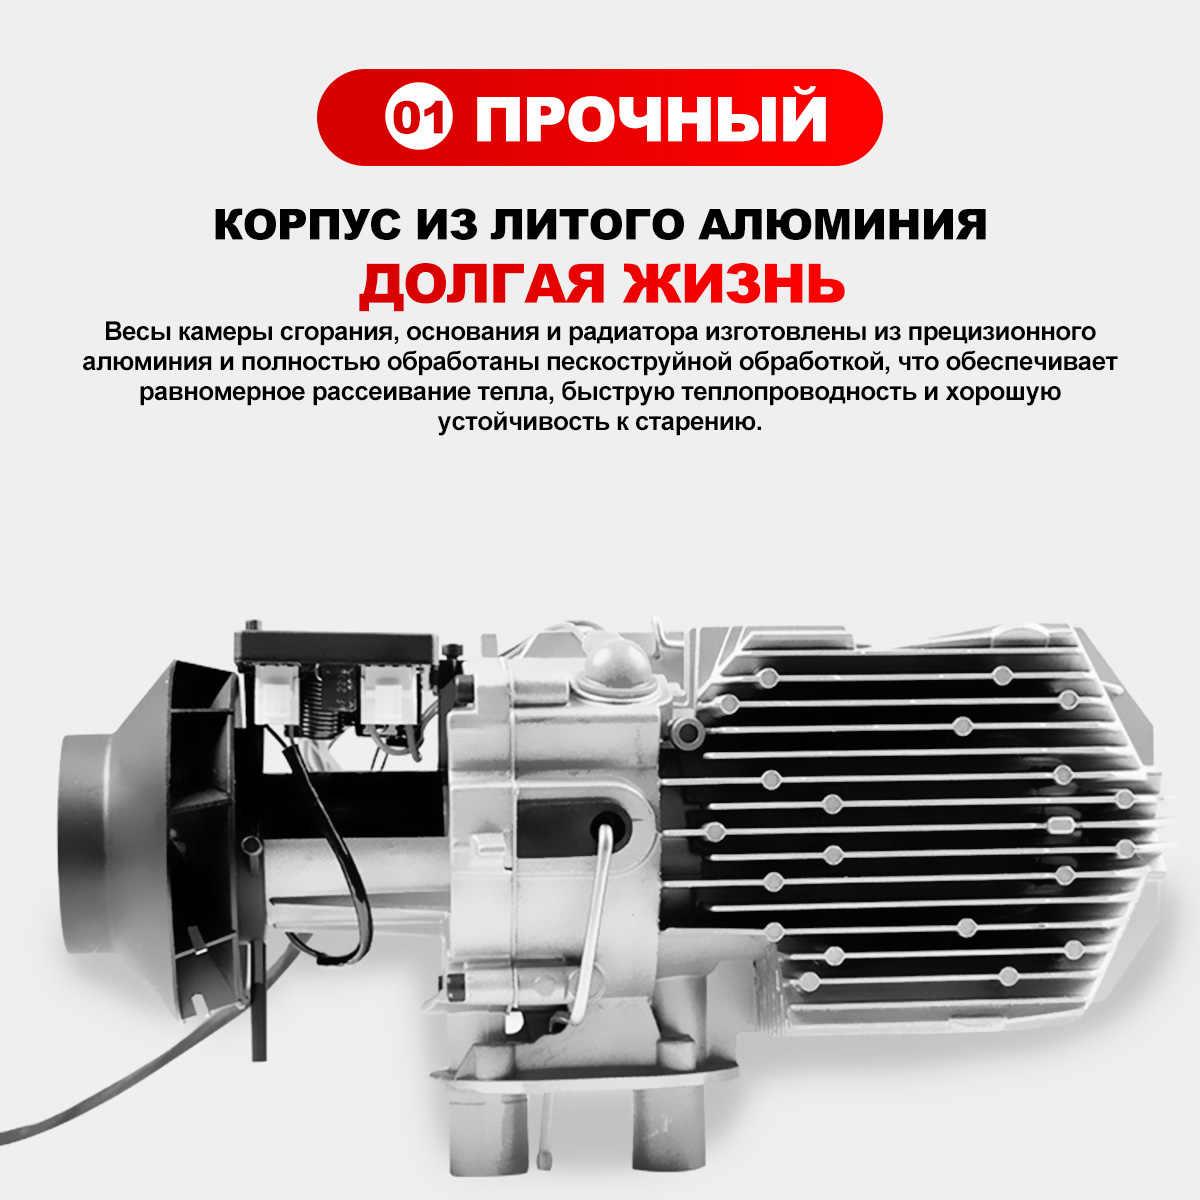 Kapal Cepat 12V 5KW Diesel Air Heater LCD untuk Mobil Truk Perahu Motor Home Monitor untuk RV Motorhome Trailer dengan Remote Musim Dingin Hangat